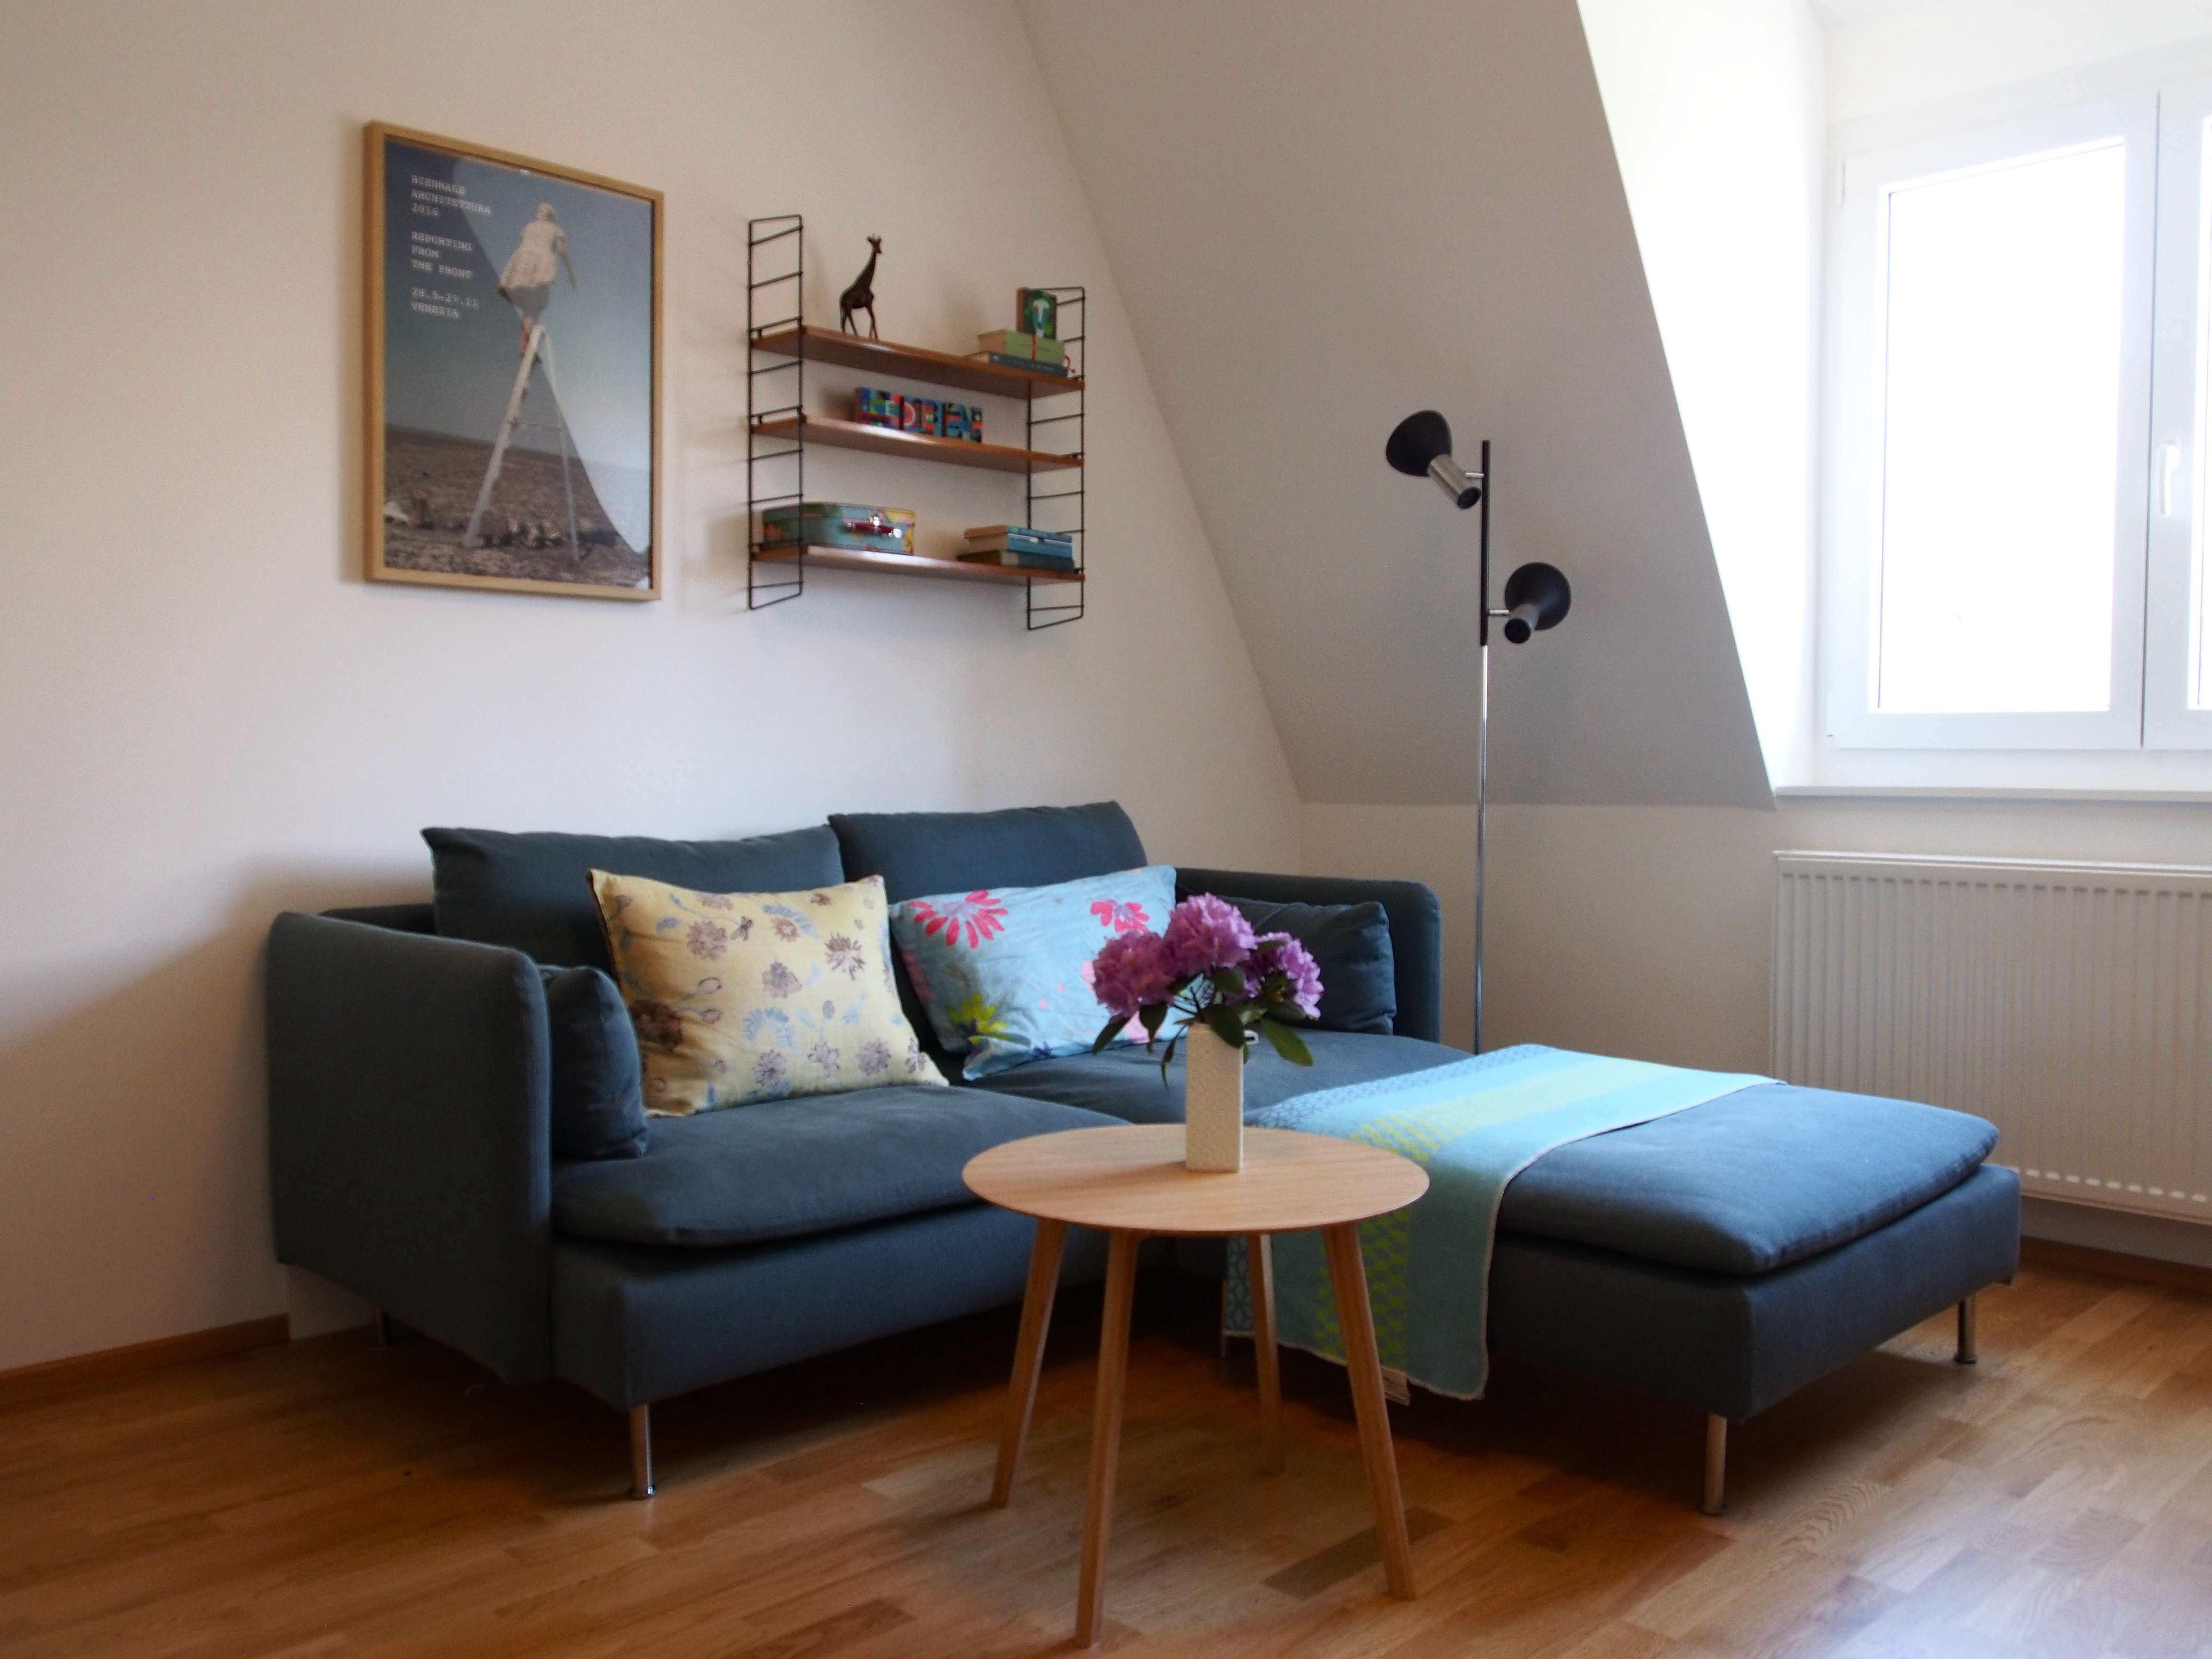 Stilvolle 2-Zimmer Wohnung in Nürnberg, möbliert in